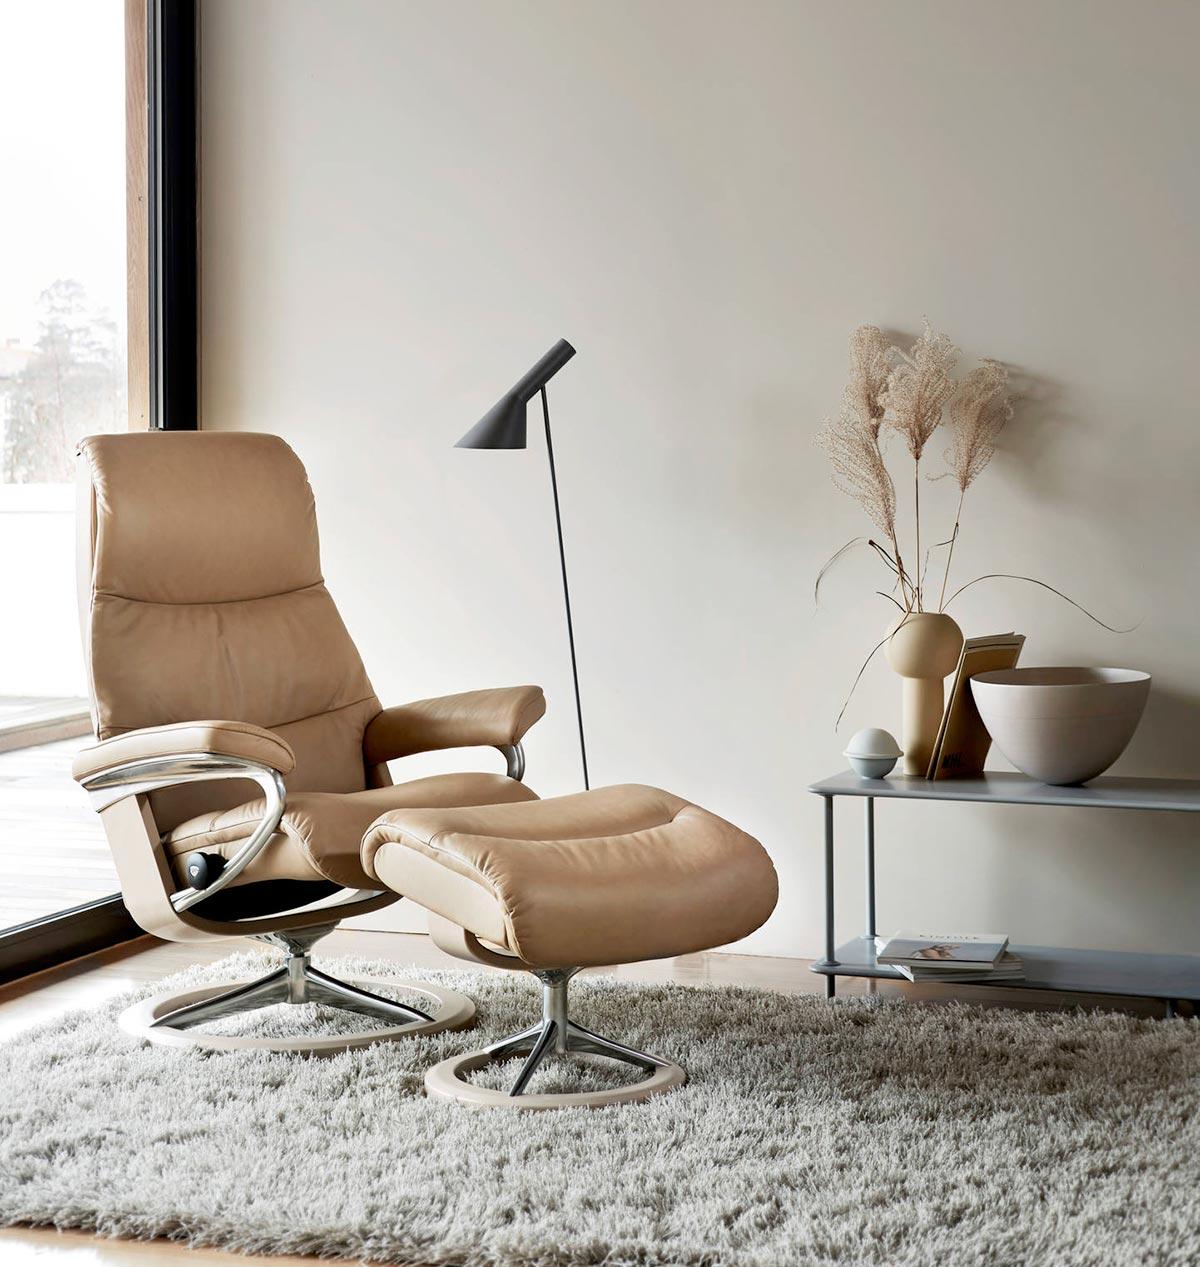 Najvažnija je da Vam se svidi fotelja i da se u njoj osećate komforno